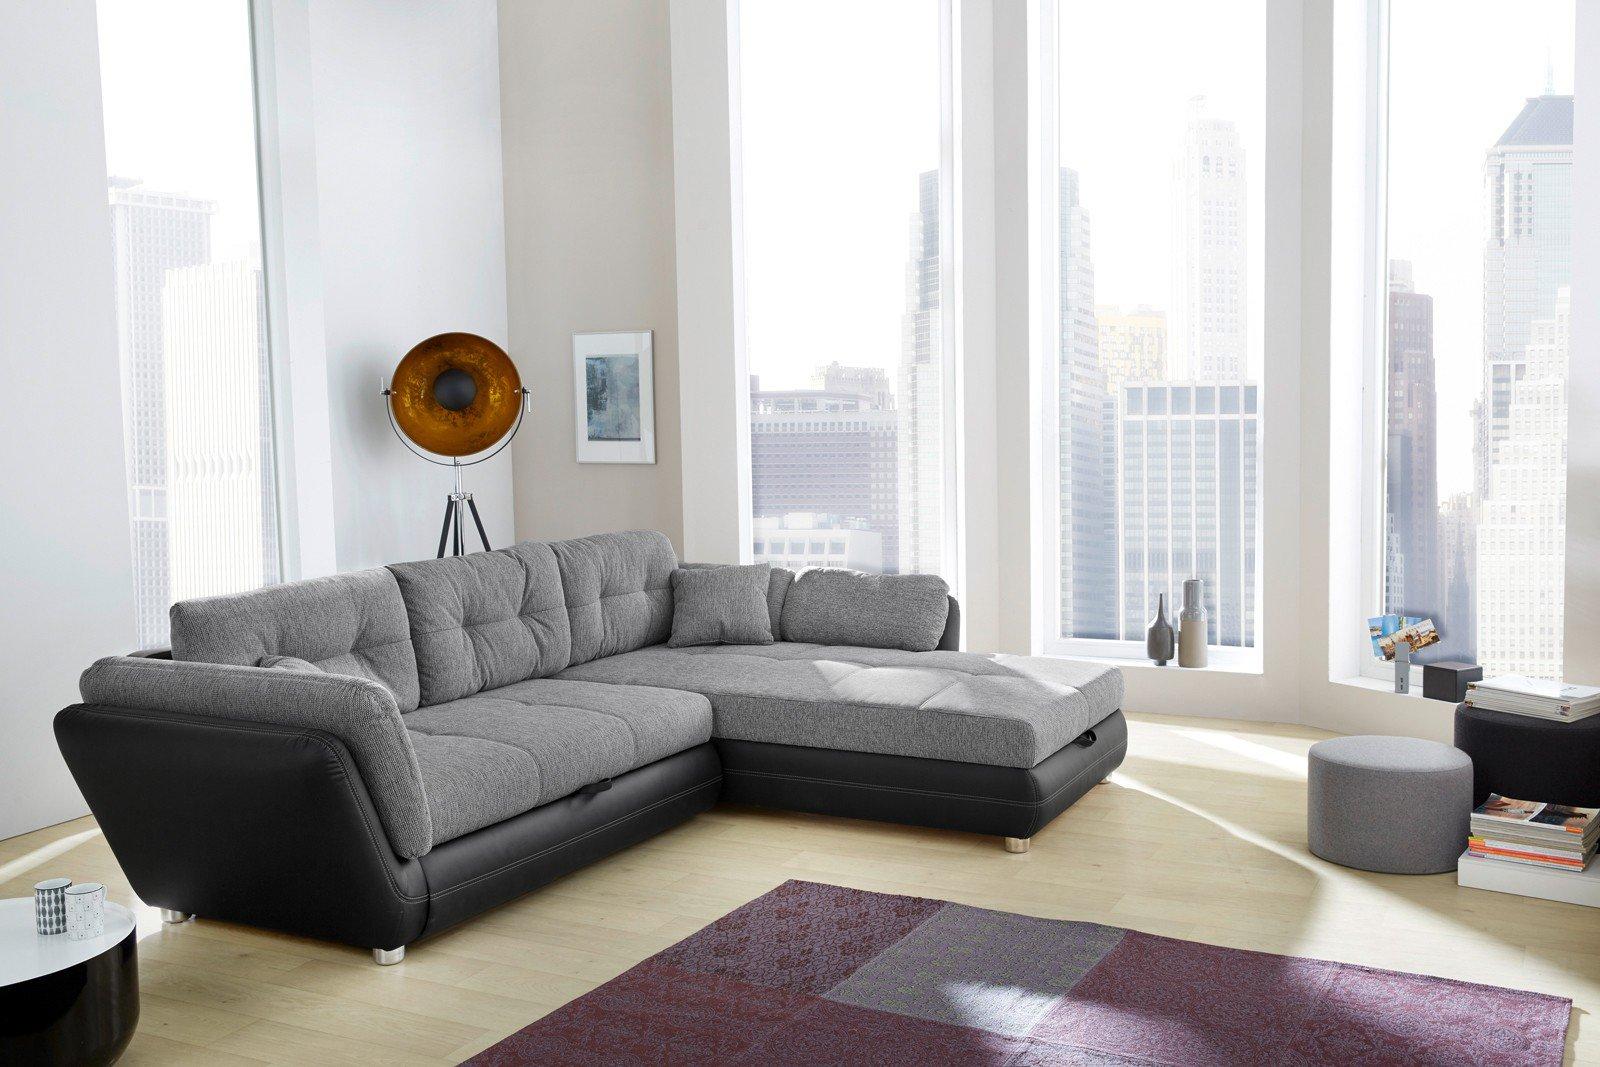 jockenh fer java ecksofa grau schwarz m bel letz ihr online shop. Black Bedroom Furniture Sets. Home Design Ideas